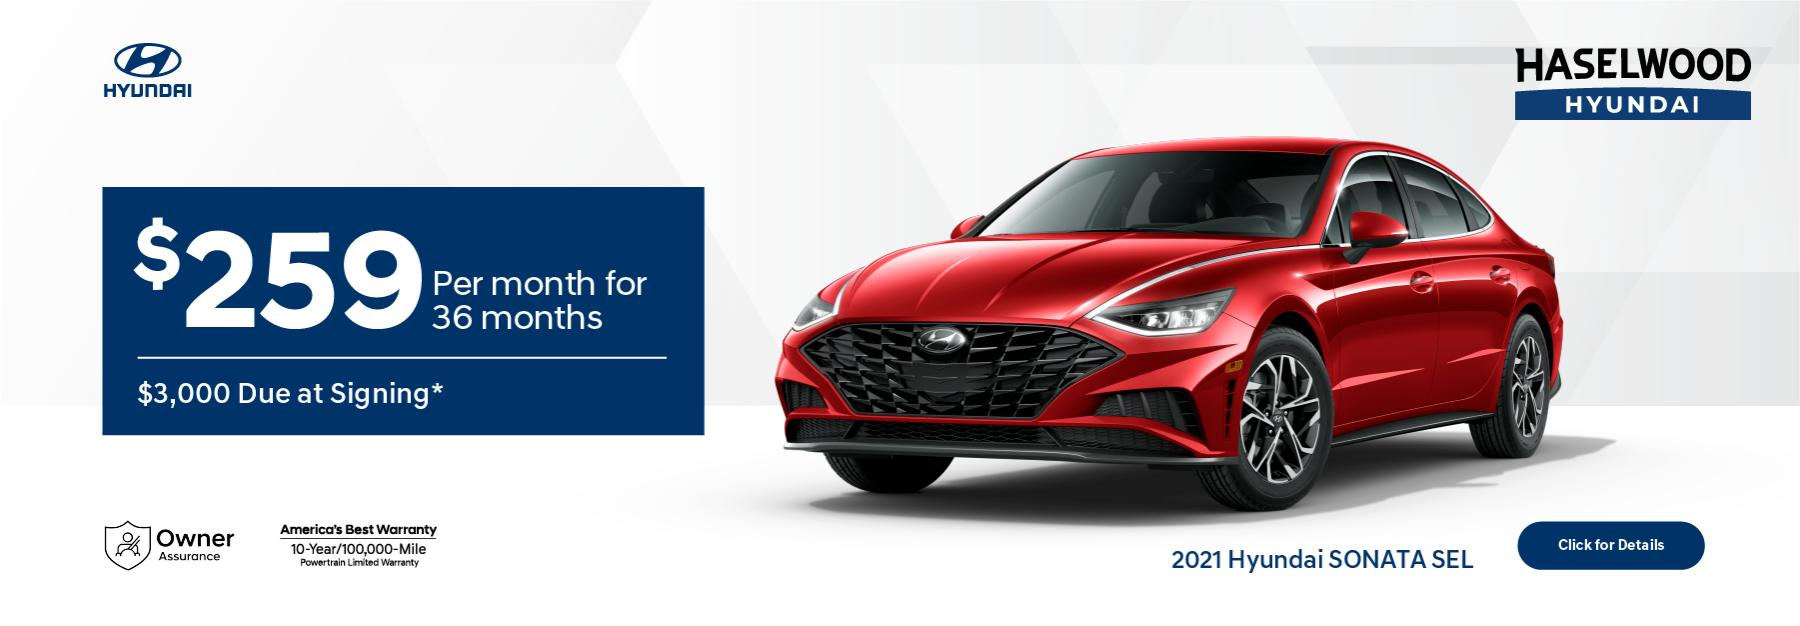 11768 – SEP21 – Hyundai Incentive – Web Slides_Sonata – Desktop